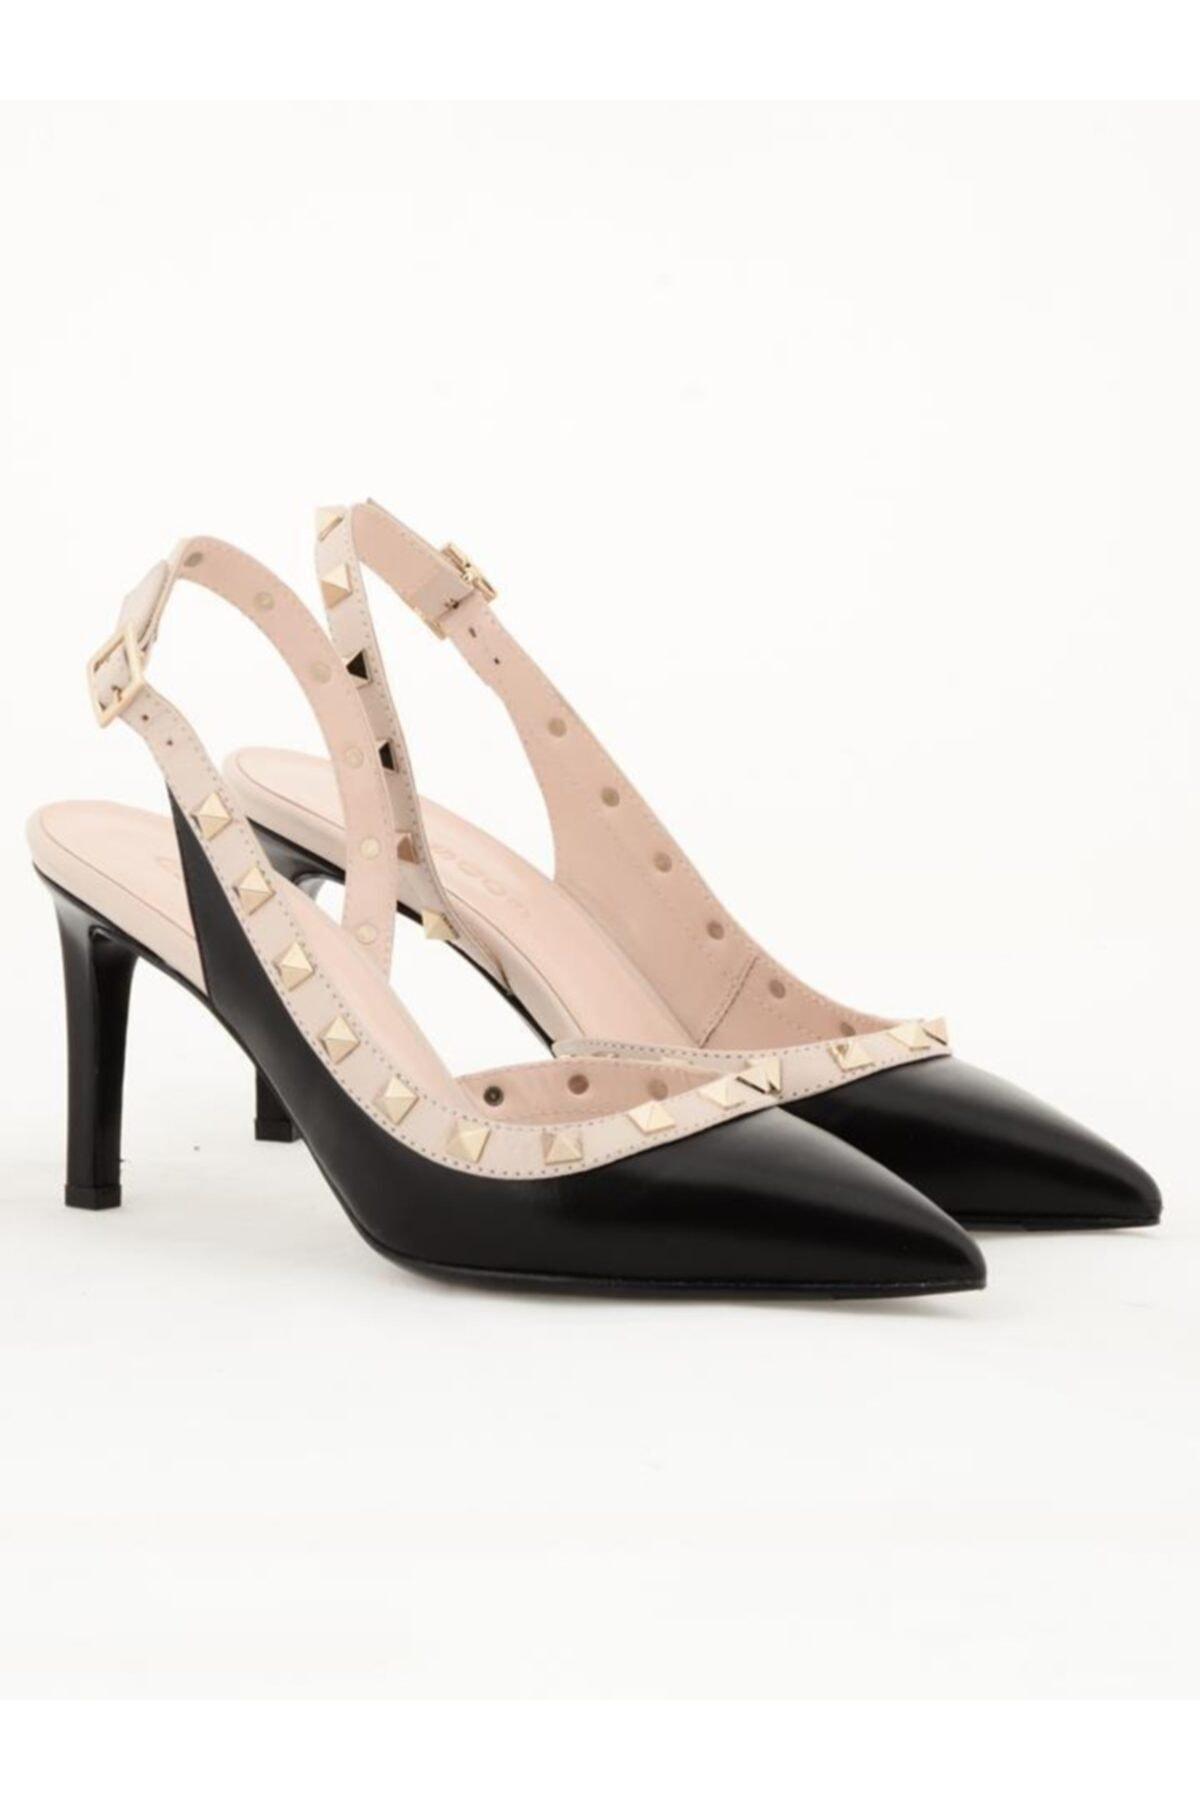 Nursace Hakiki Deri Klasik Topuklu Ayakkabı Nsc18y-a57118 1